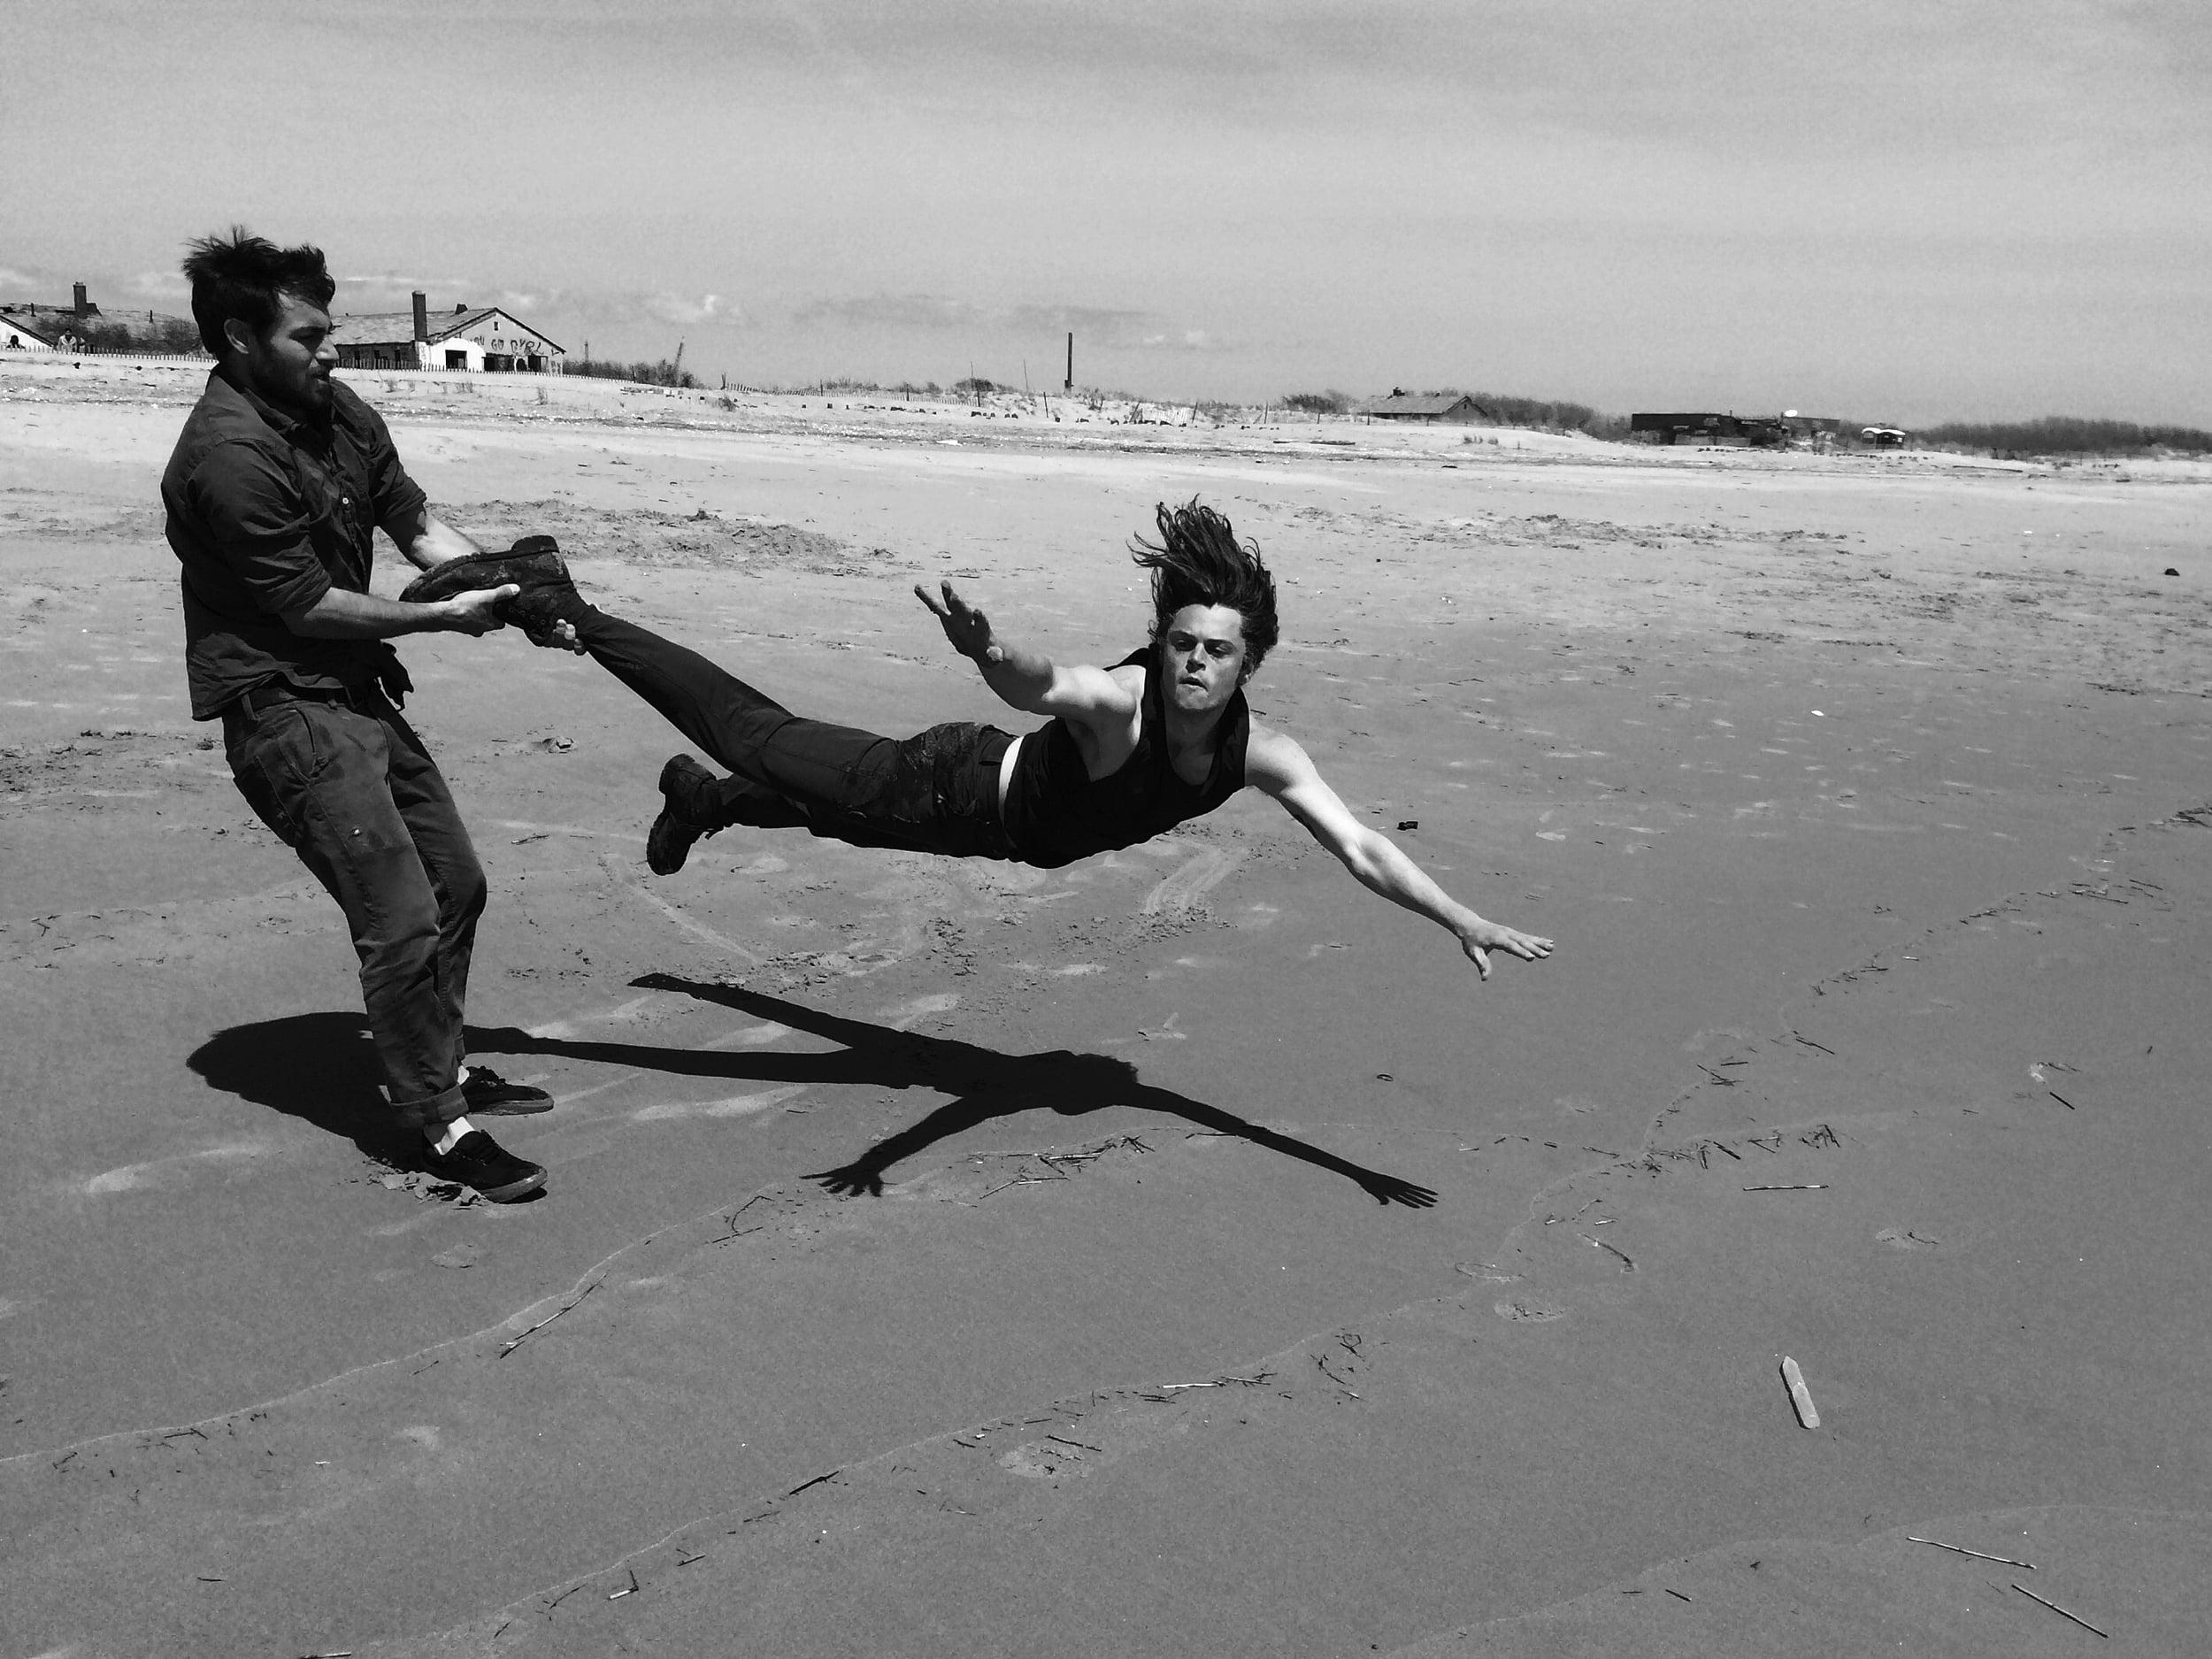 Boomerang  Photograph by Kora Radella